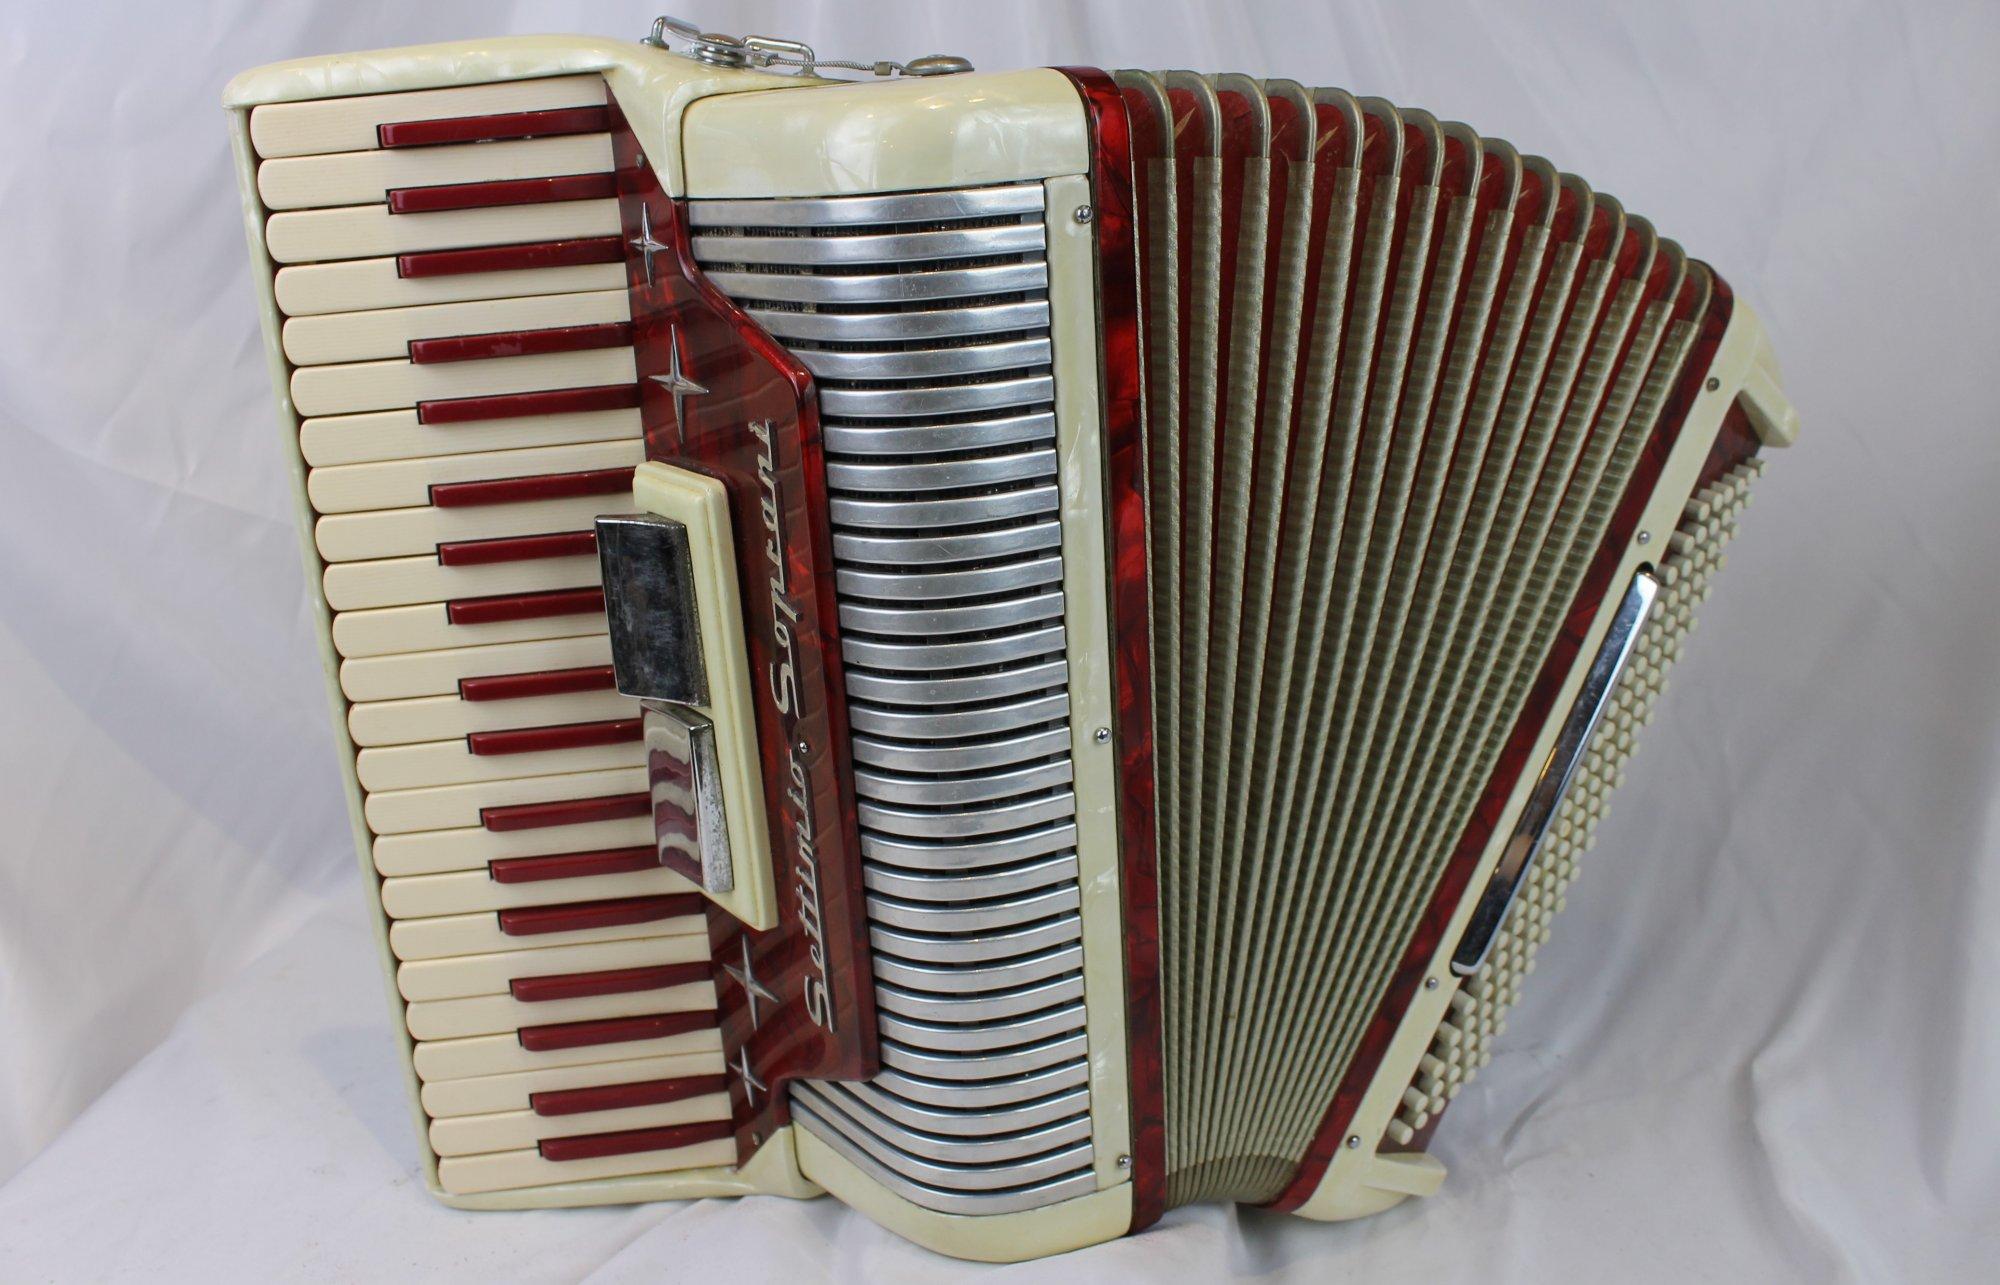 4251 - Candy Stripe Settimio Soprani Piano Accordion LM 41 120